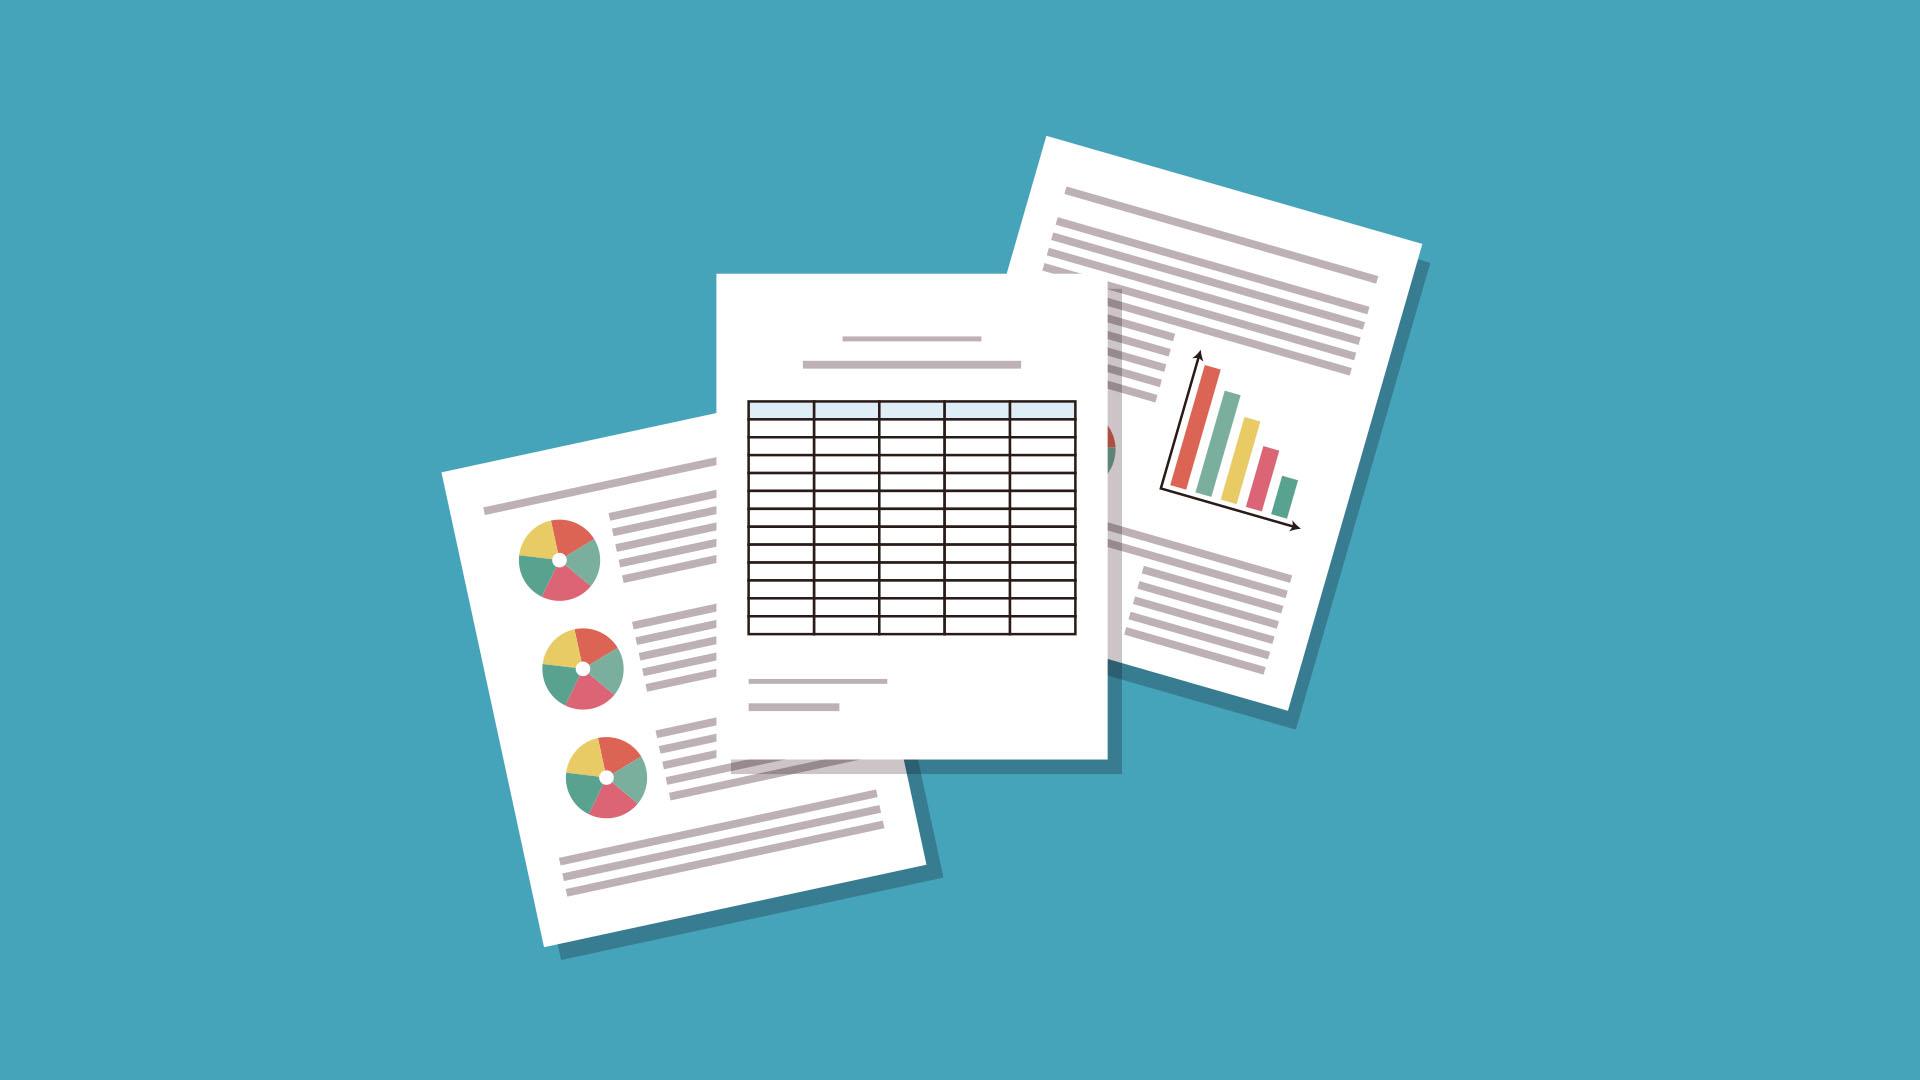 Quais ferramentas para melhorar a gestão de qualidade da minha empresa?